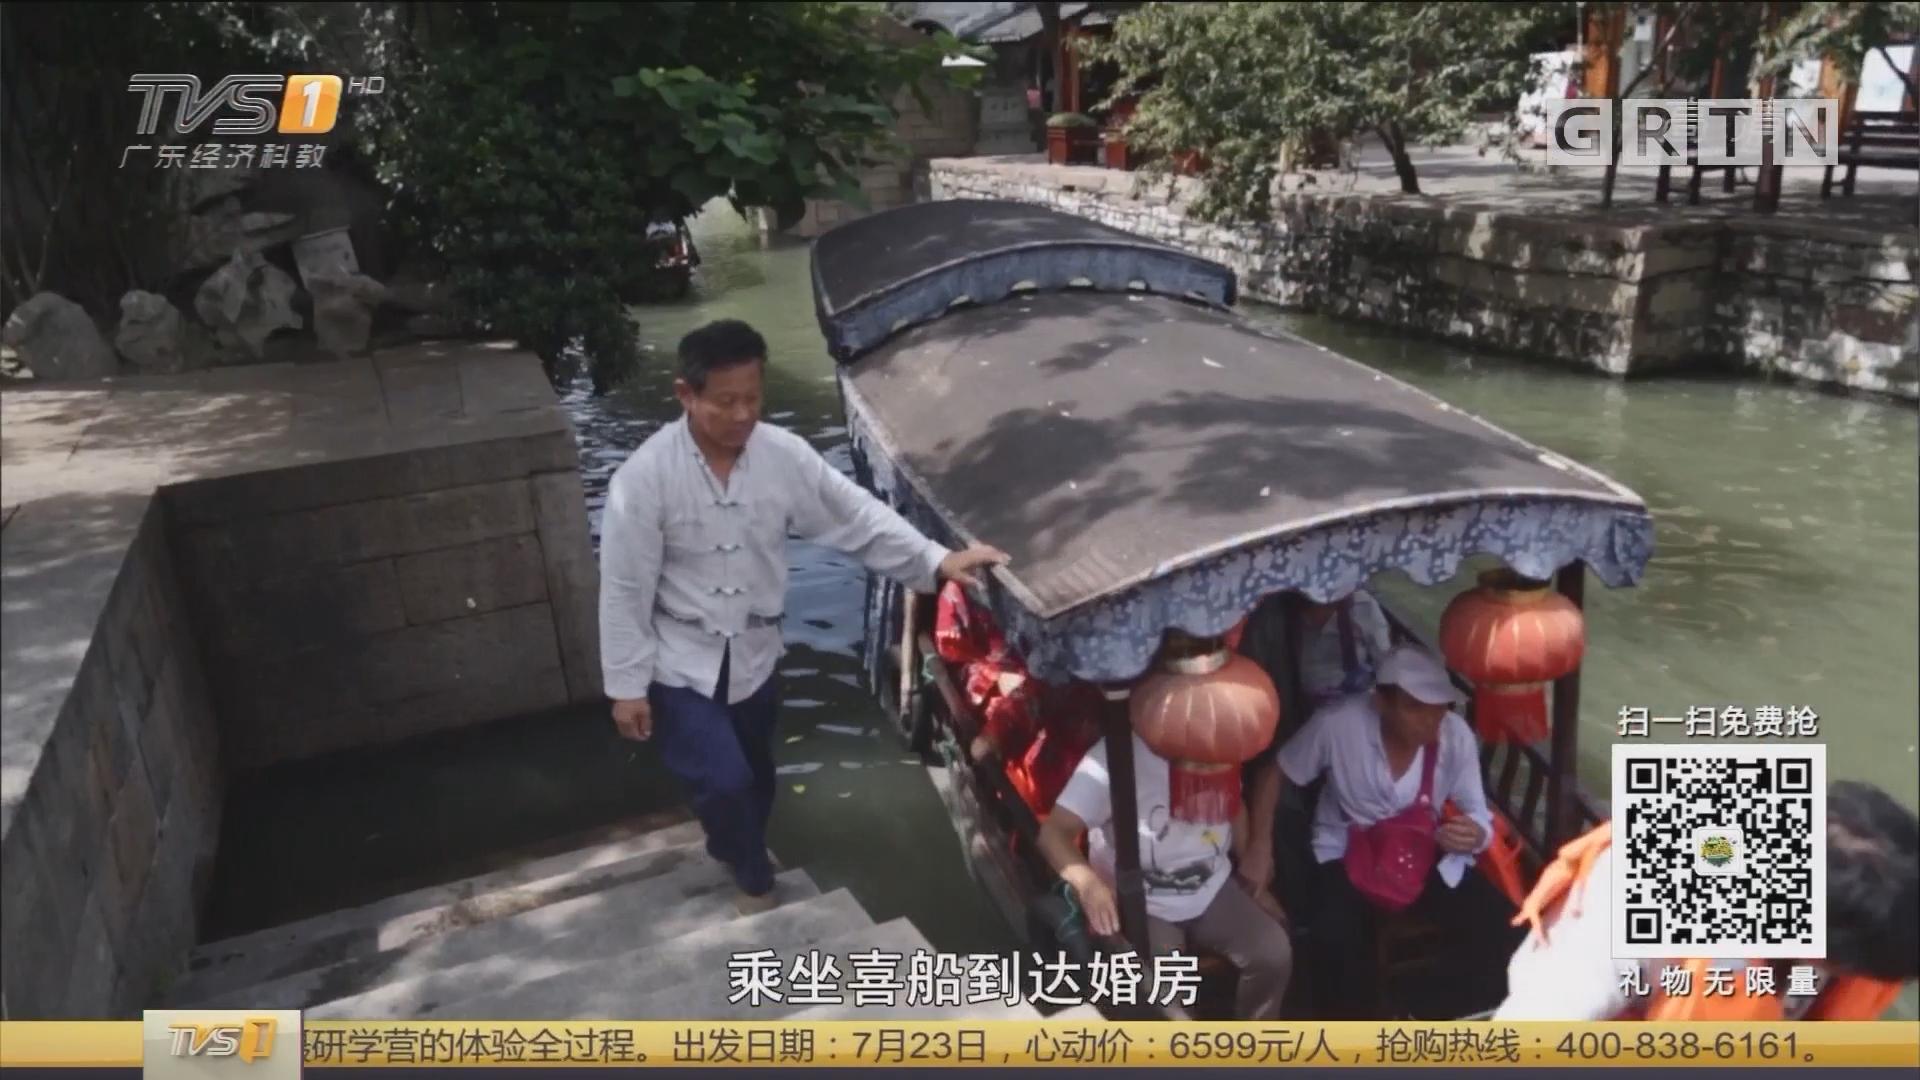 [HD][2018-07-11]一起旅游吧